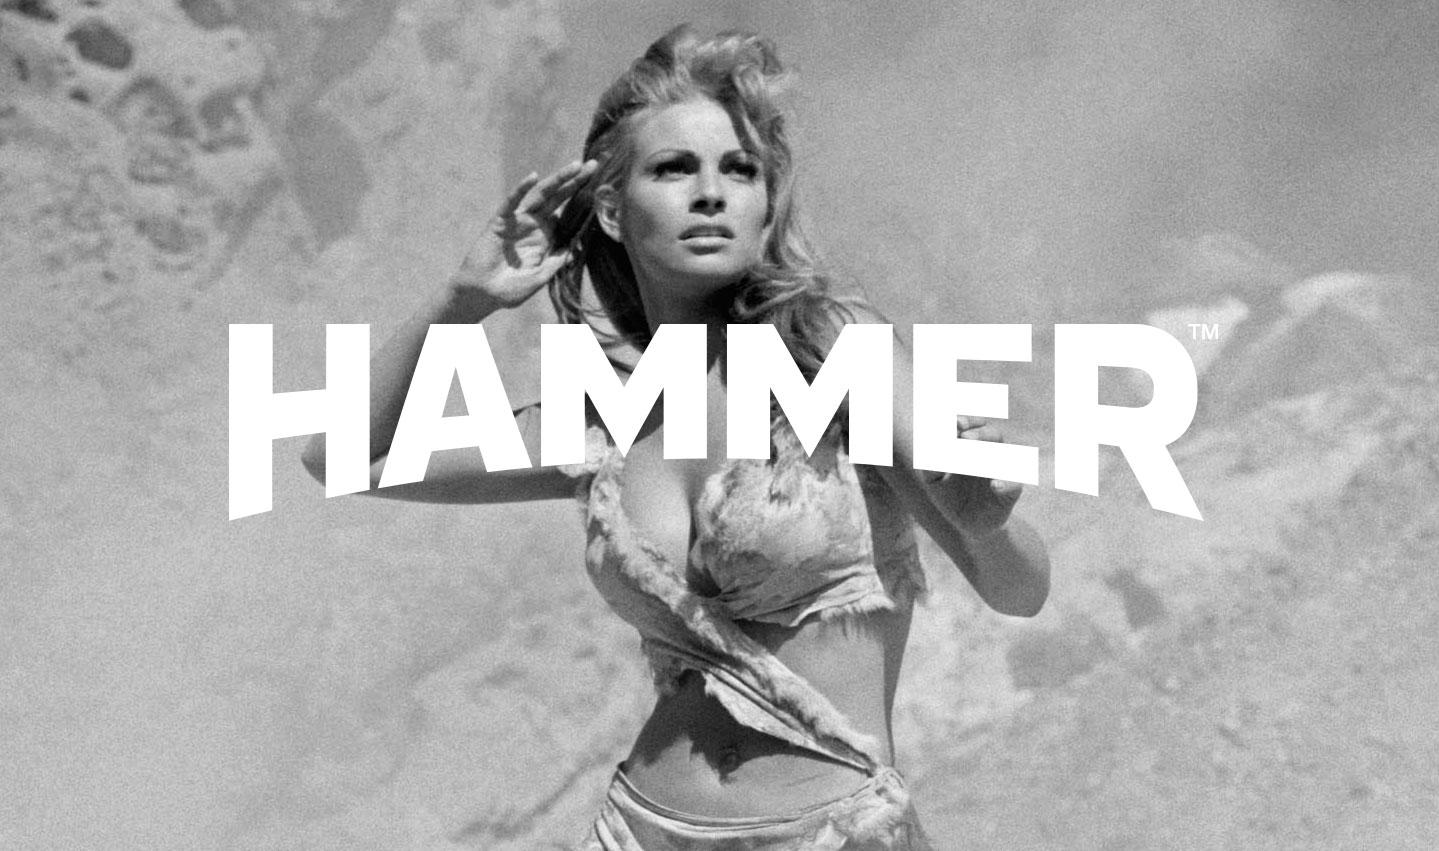 Documentaire Dans les entrailles de la Hammer : petite histoire des grands monstres